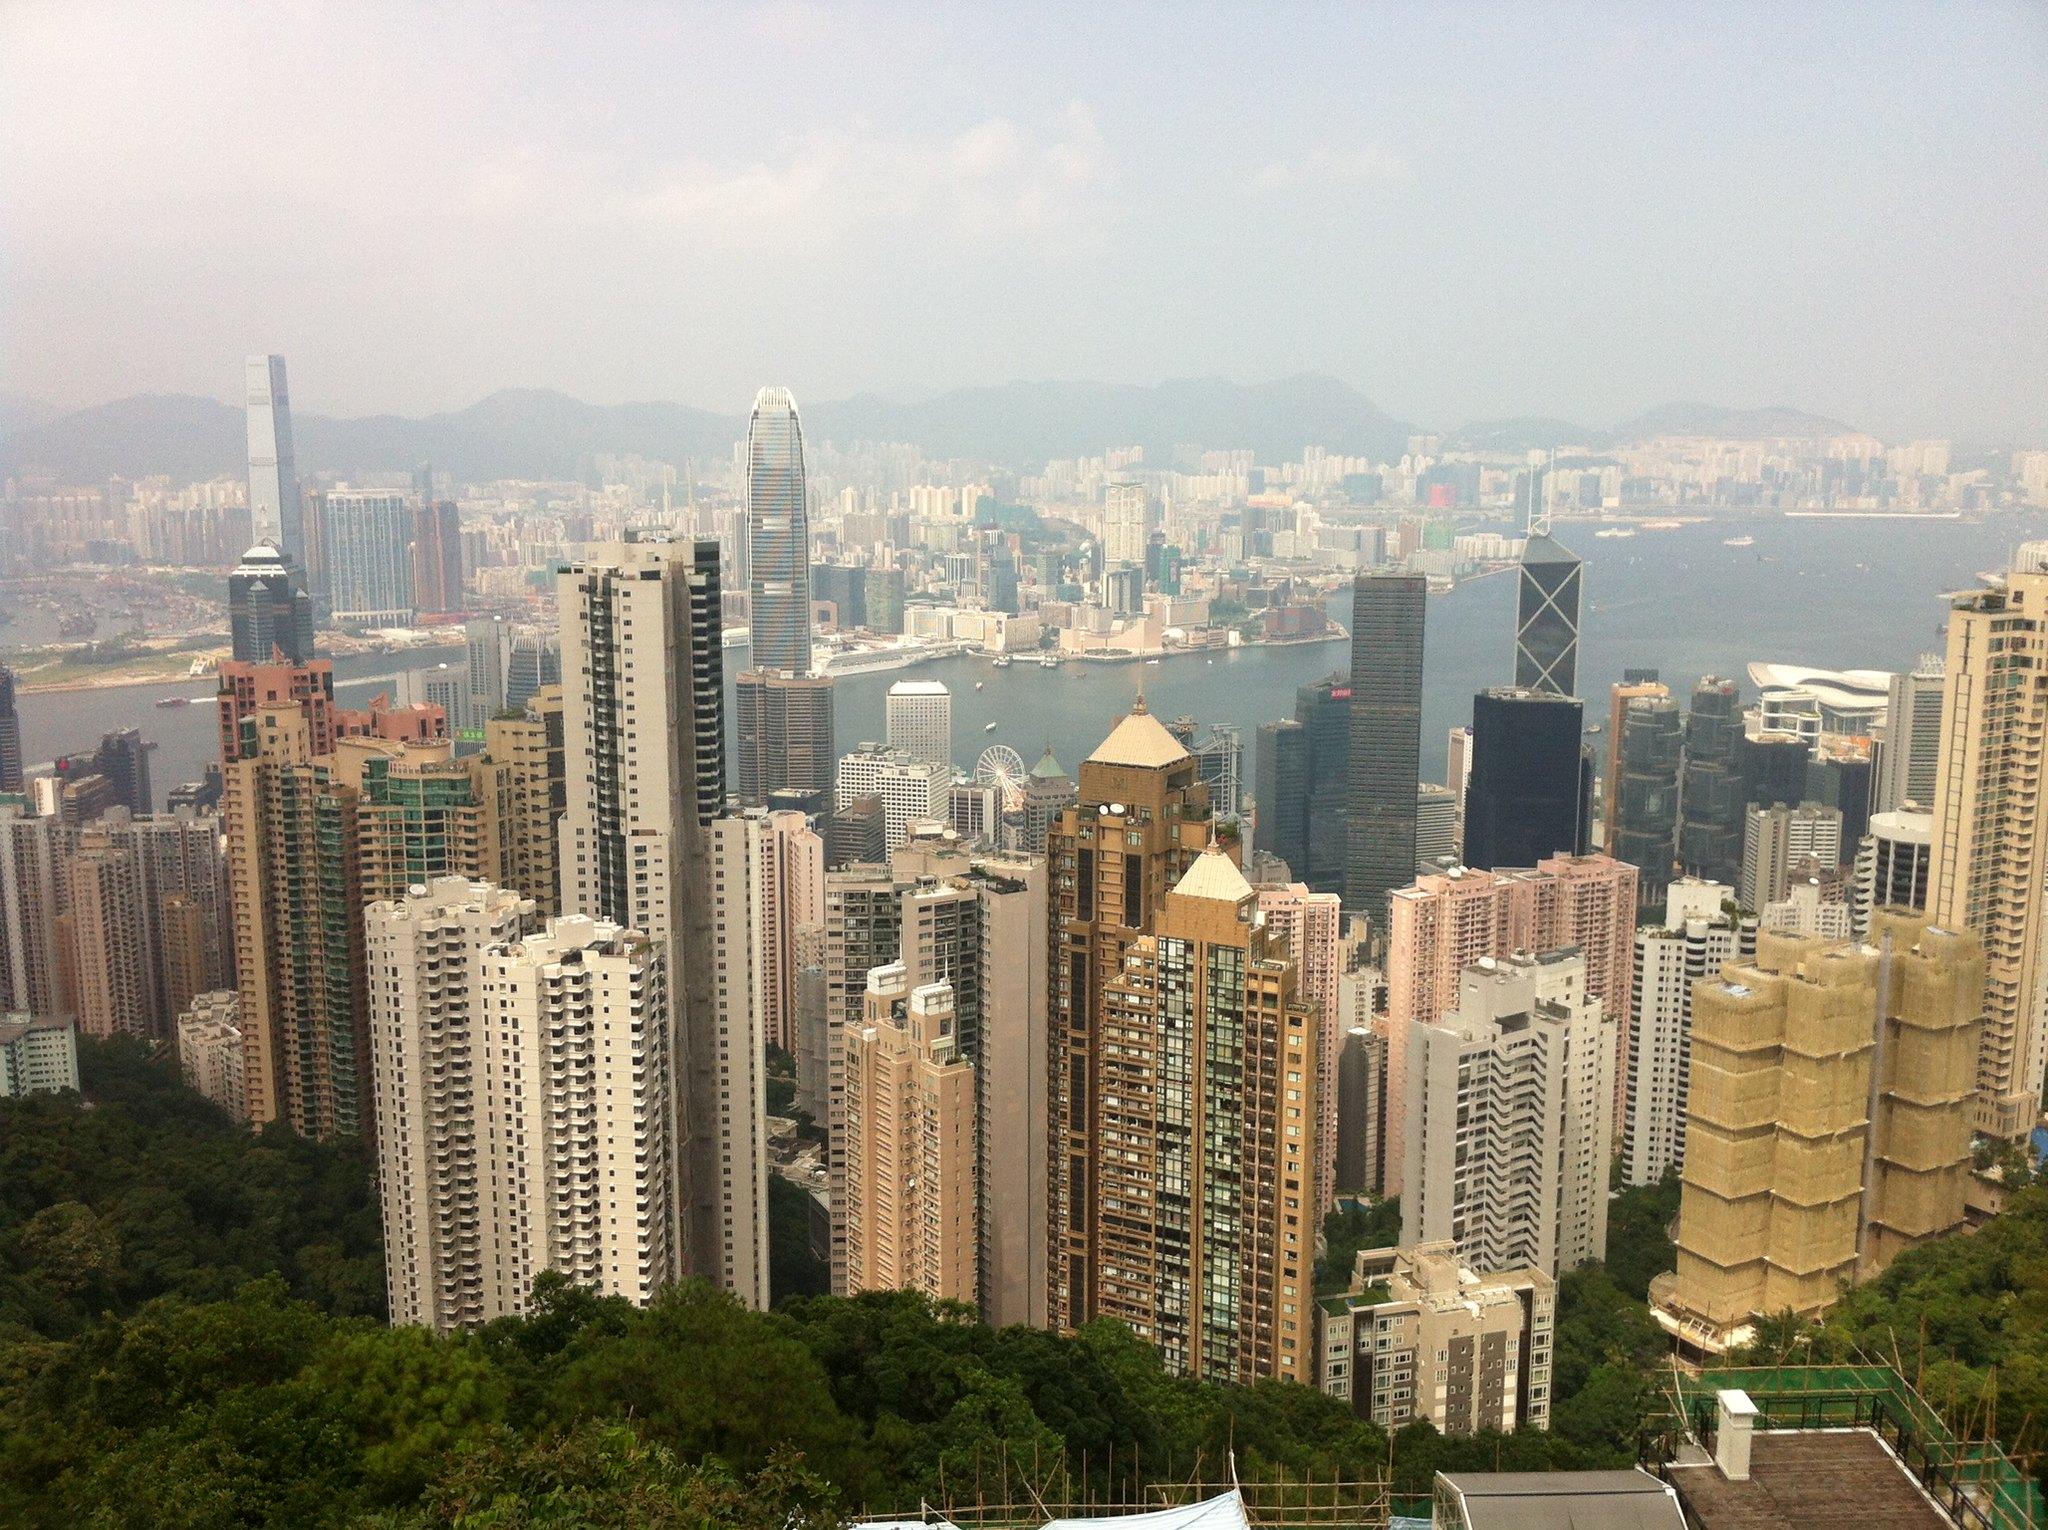 香港的高檔住宅與商業大廈。貧富懸殊是金融中心的必然現象。(資料照片;攝影:張智琦)